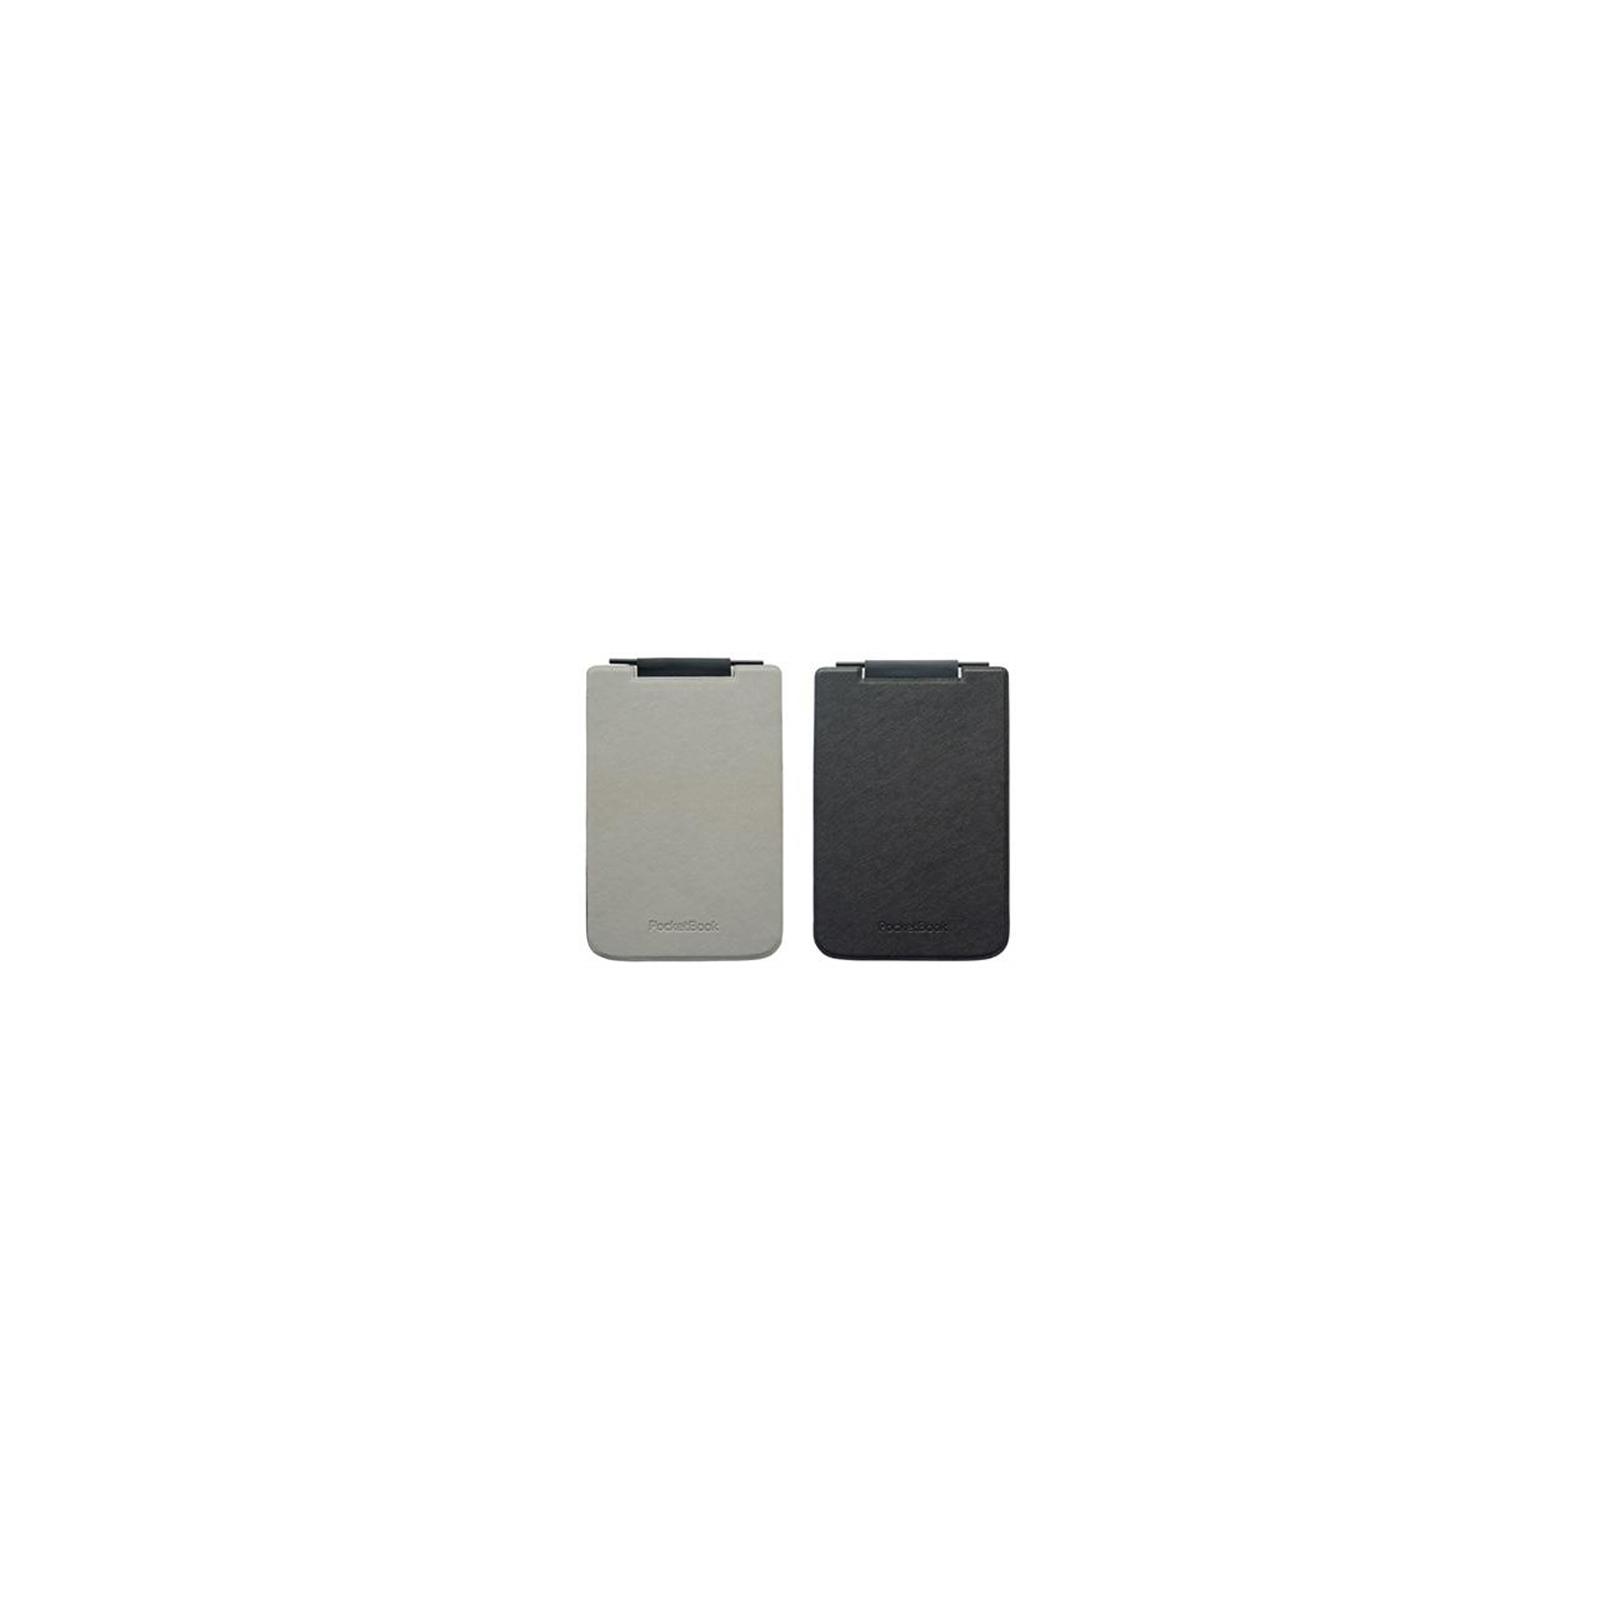 Чехол для электронной книги PocketBook PB624 Flip grey/black (PBPUC-624-GYBC-RD) изображение 2